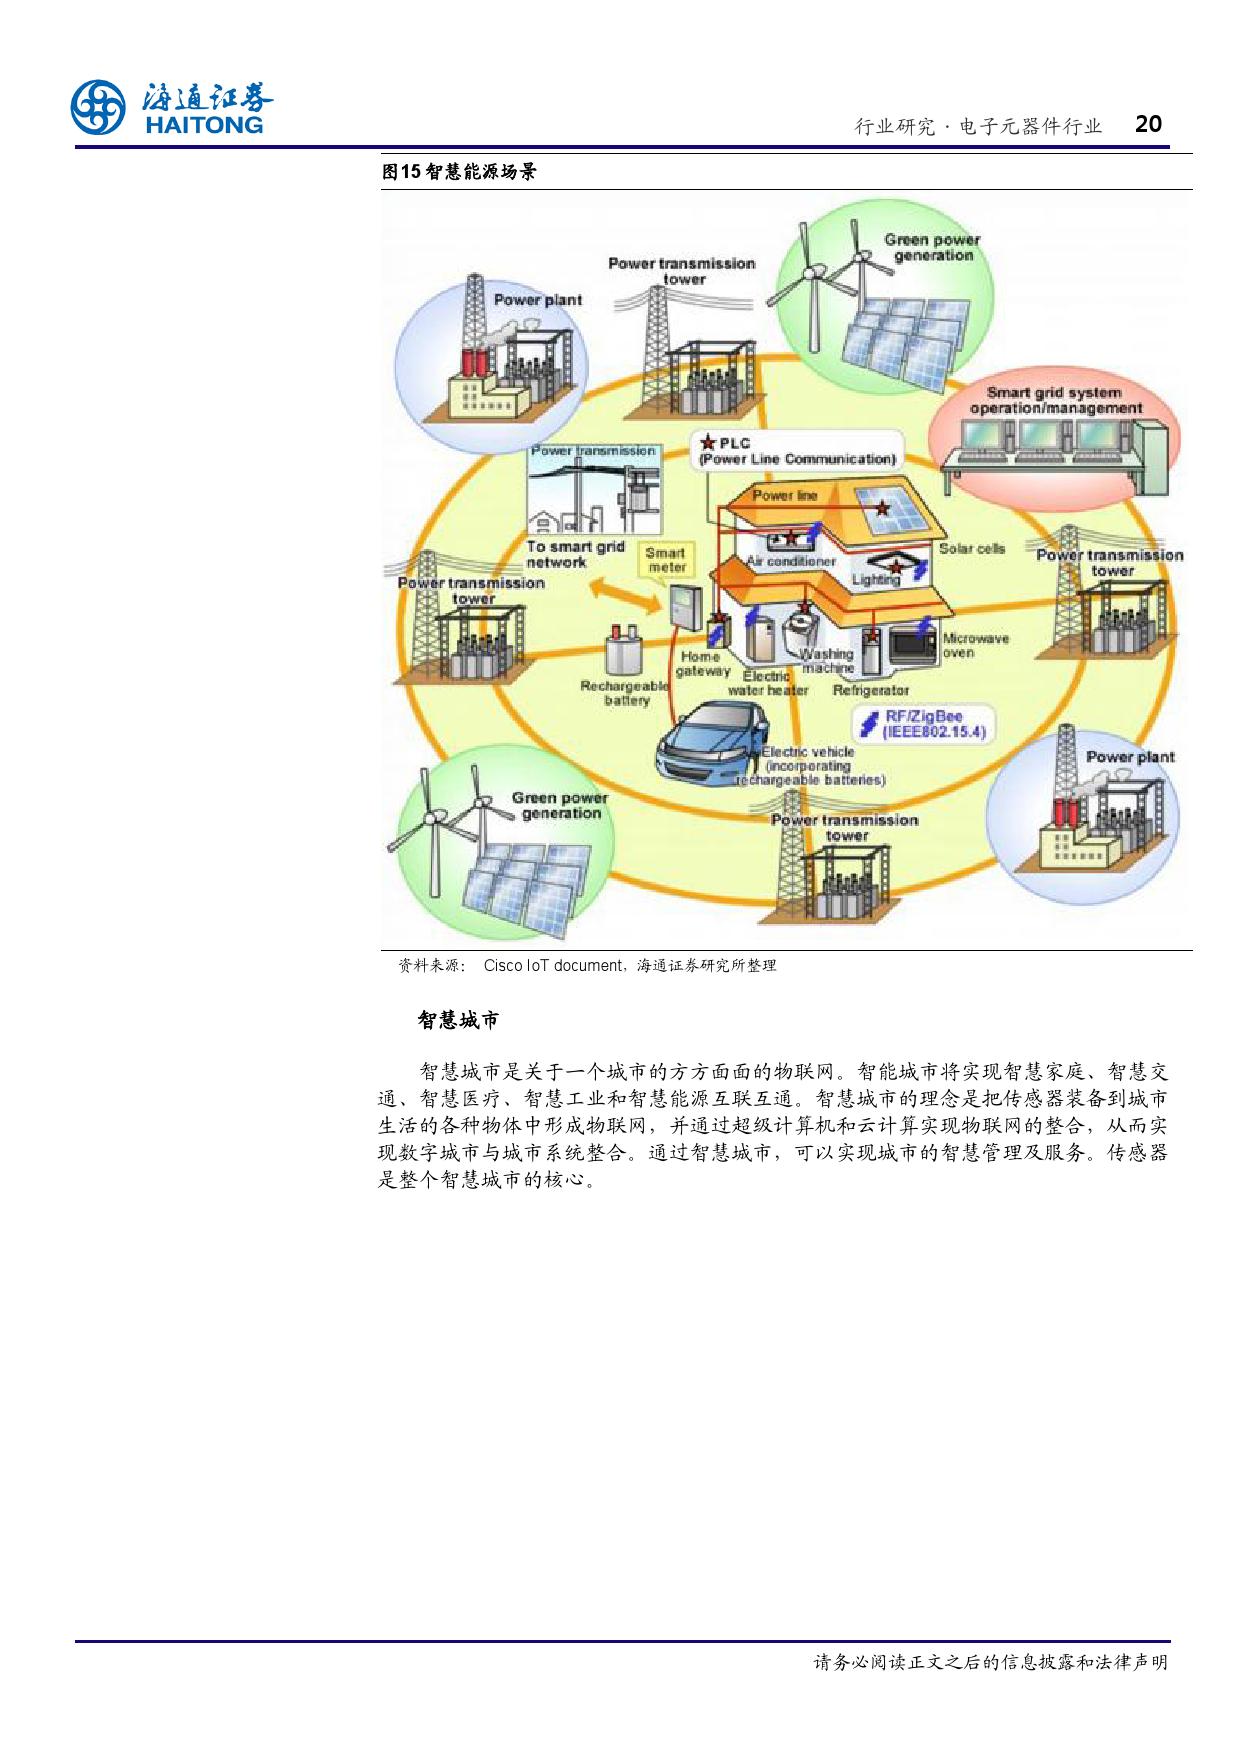 报告全解传感器全球产业链_000020